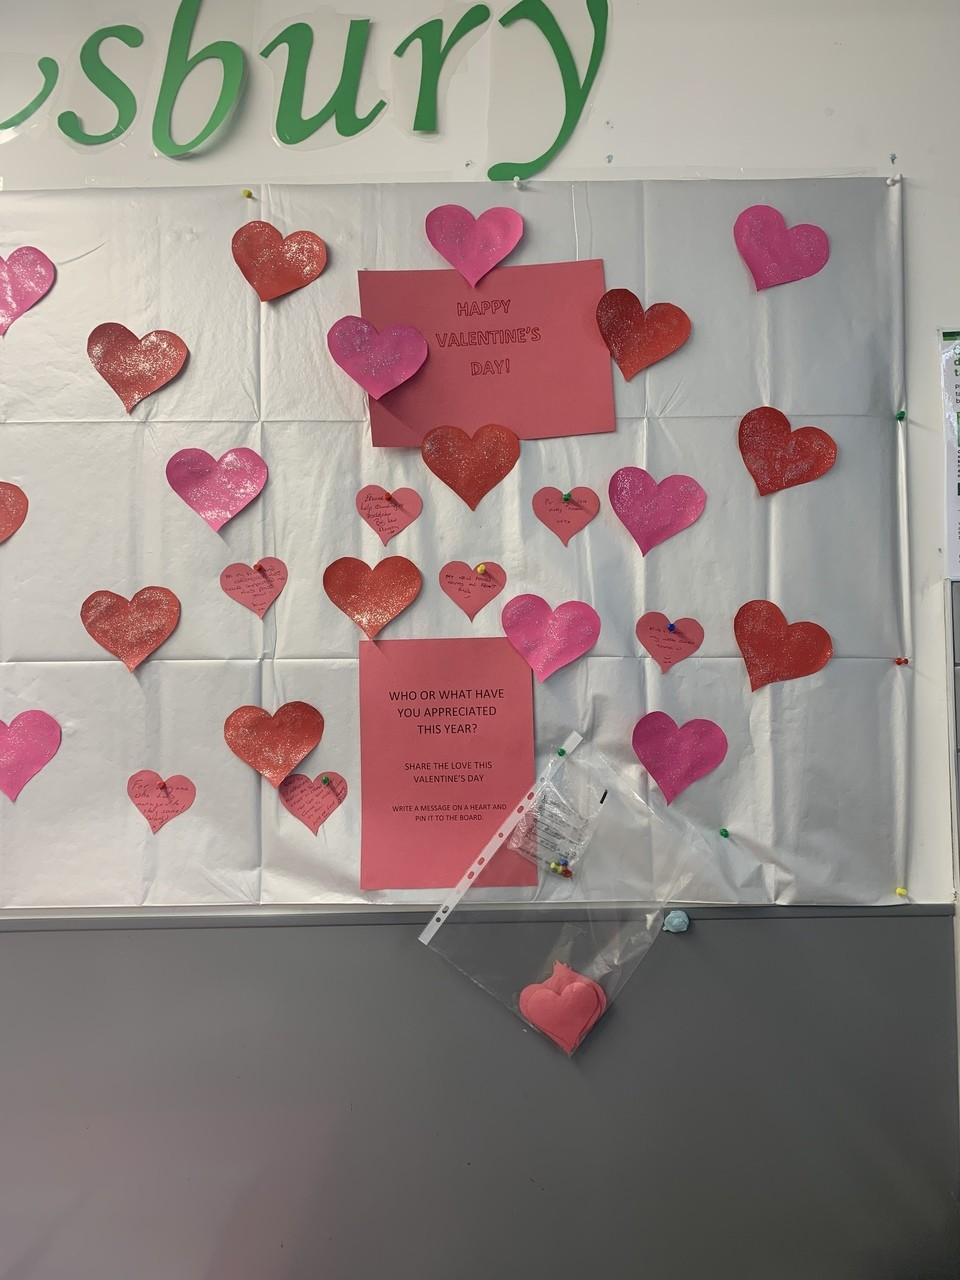 Sharing the love at Asda Shrewsbury | Asda Shrewsbury